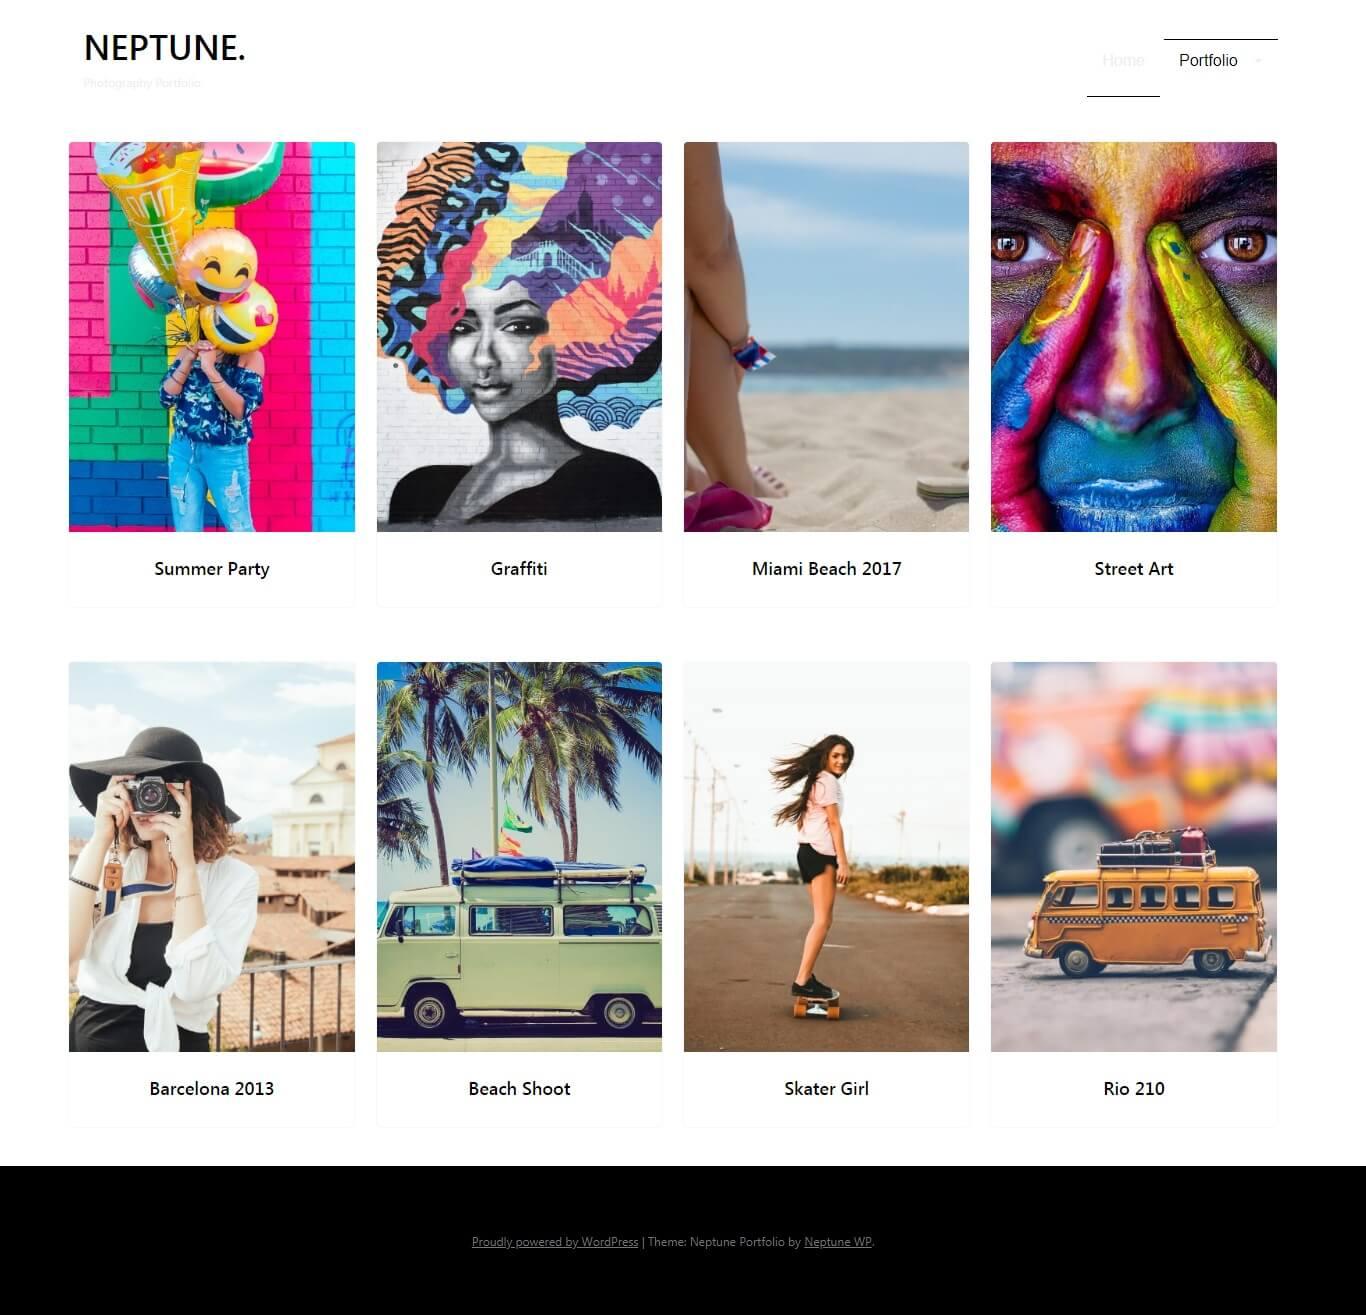 Neptune Portfolio